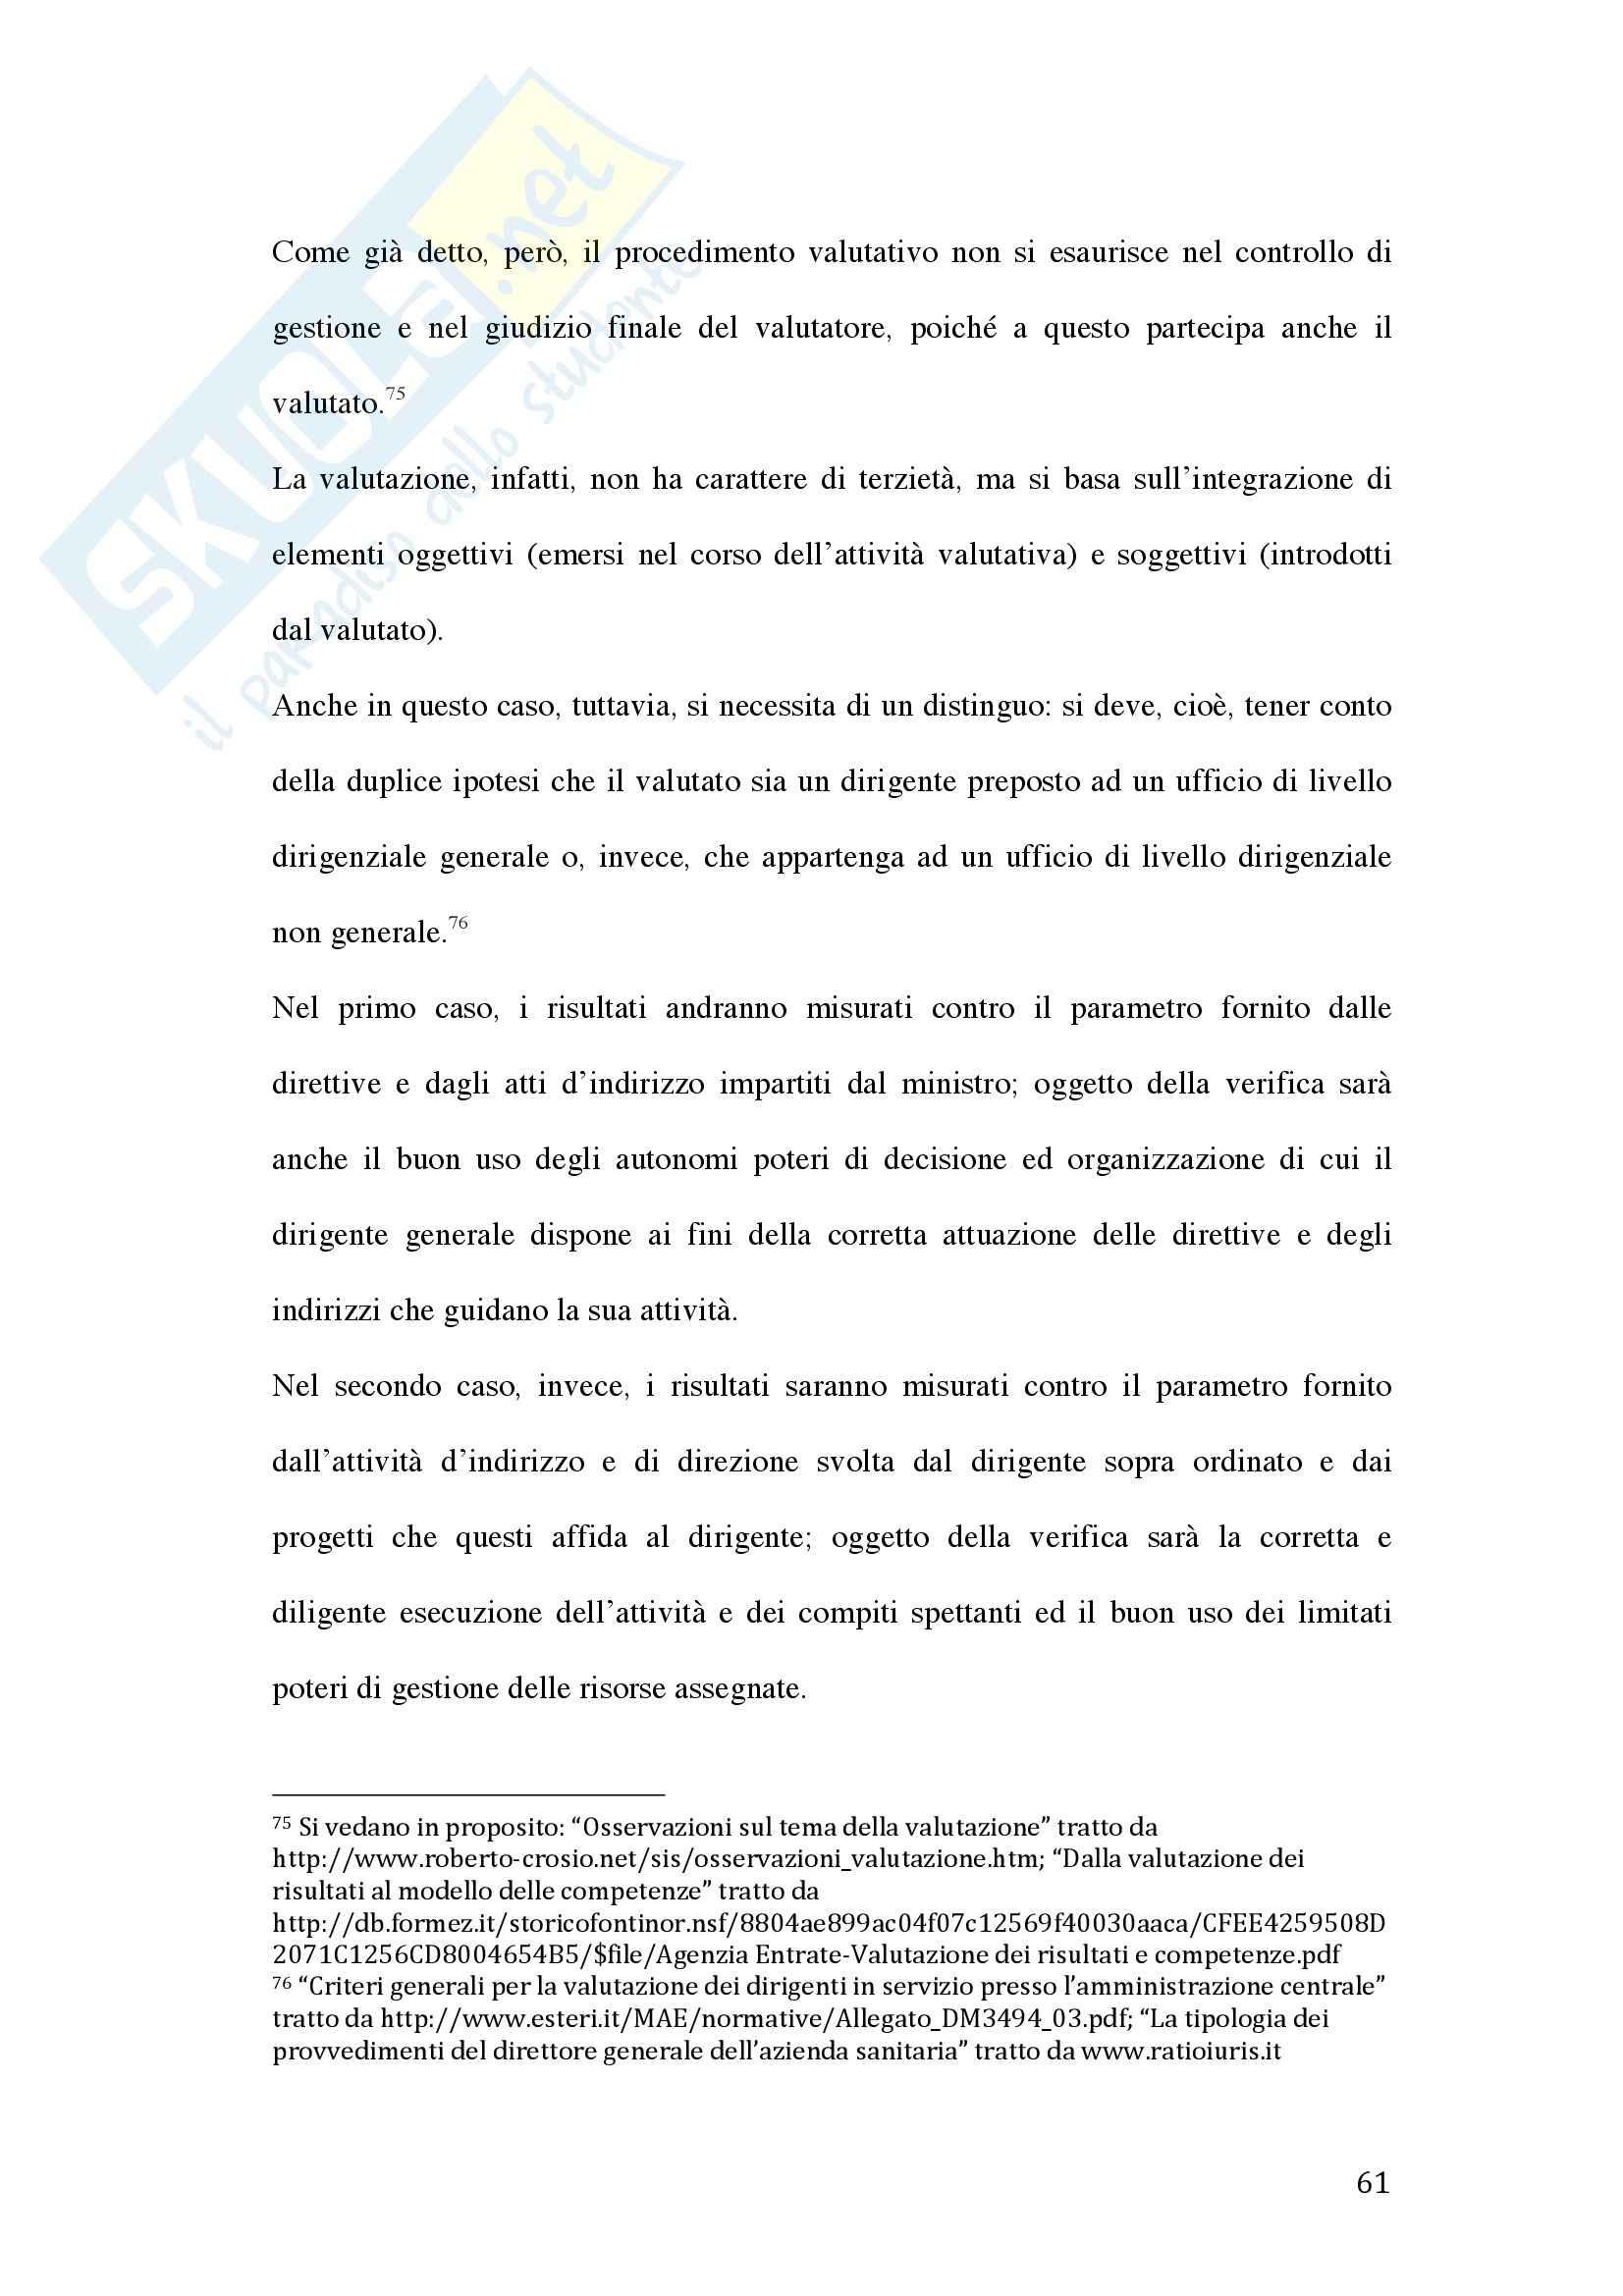 Tesi - La valutazione della dirigenza nelle pubbliche amministrazioni Pag. 61